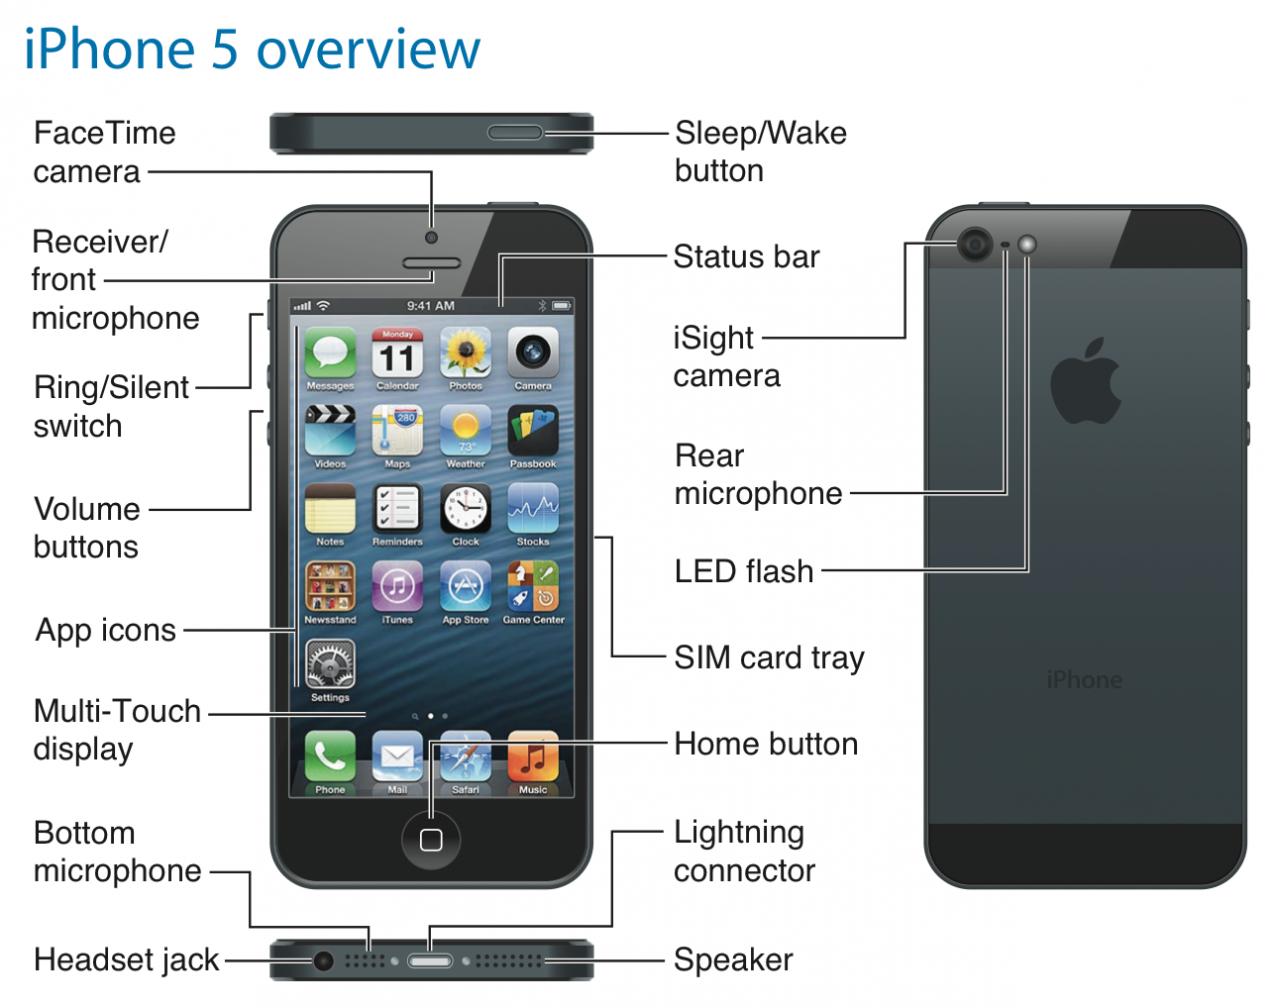 Telefon Apple iPhone 5! Phonetastic!